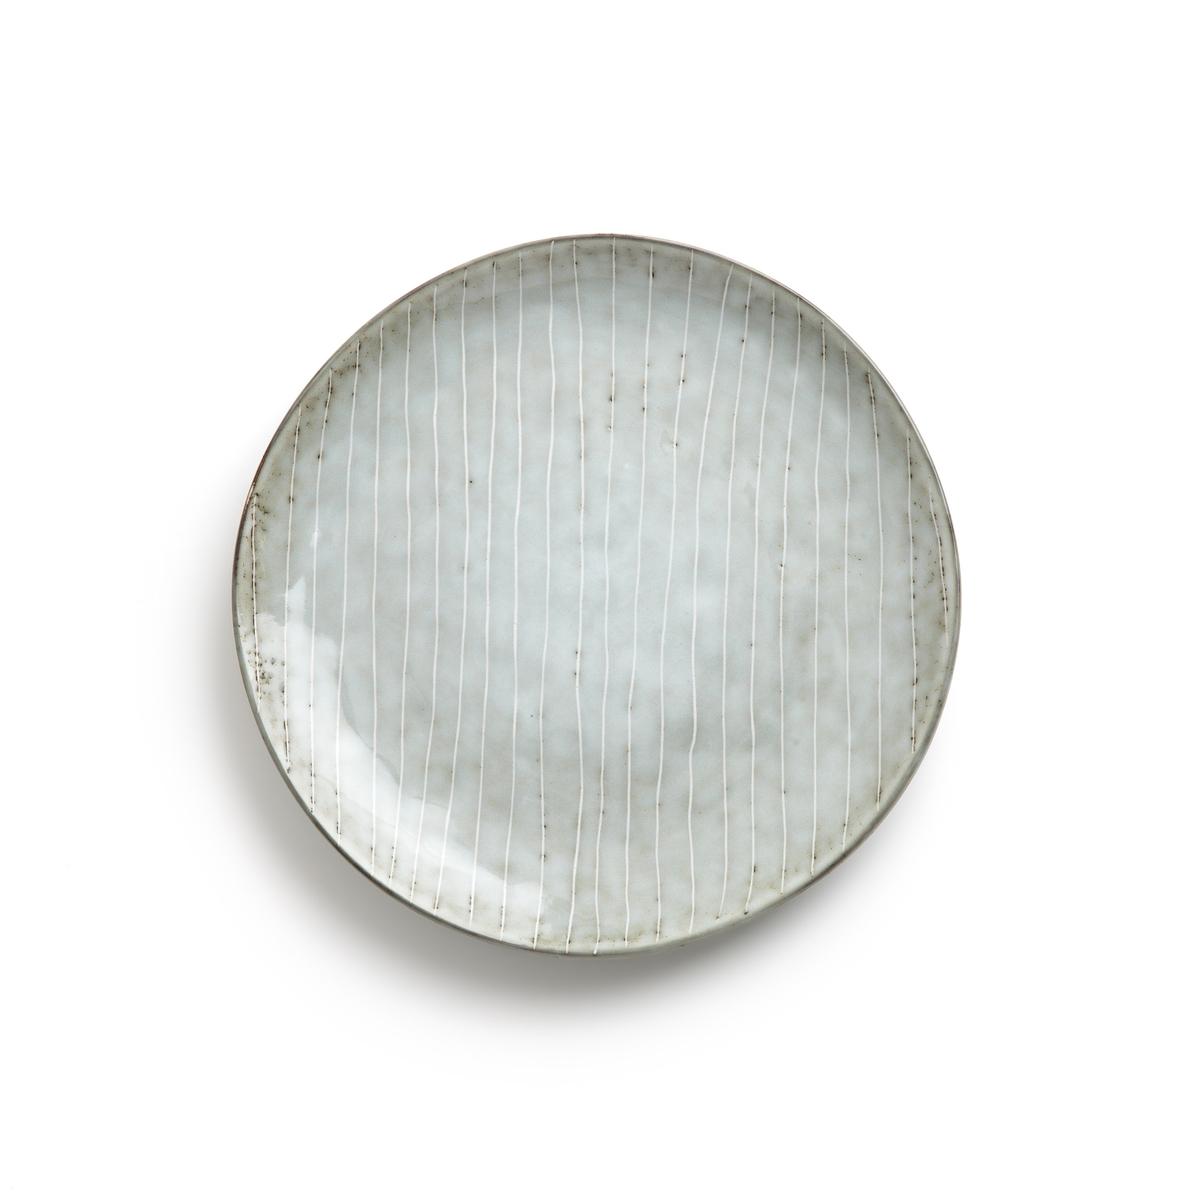 Комплект из 4 десертных тарелок керамики Amedras